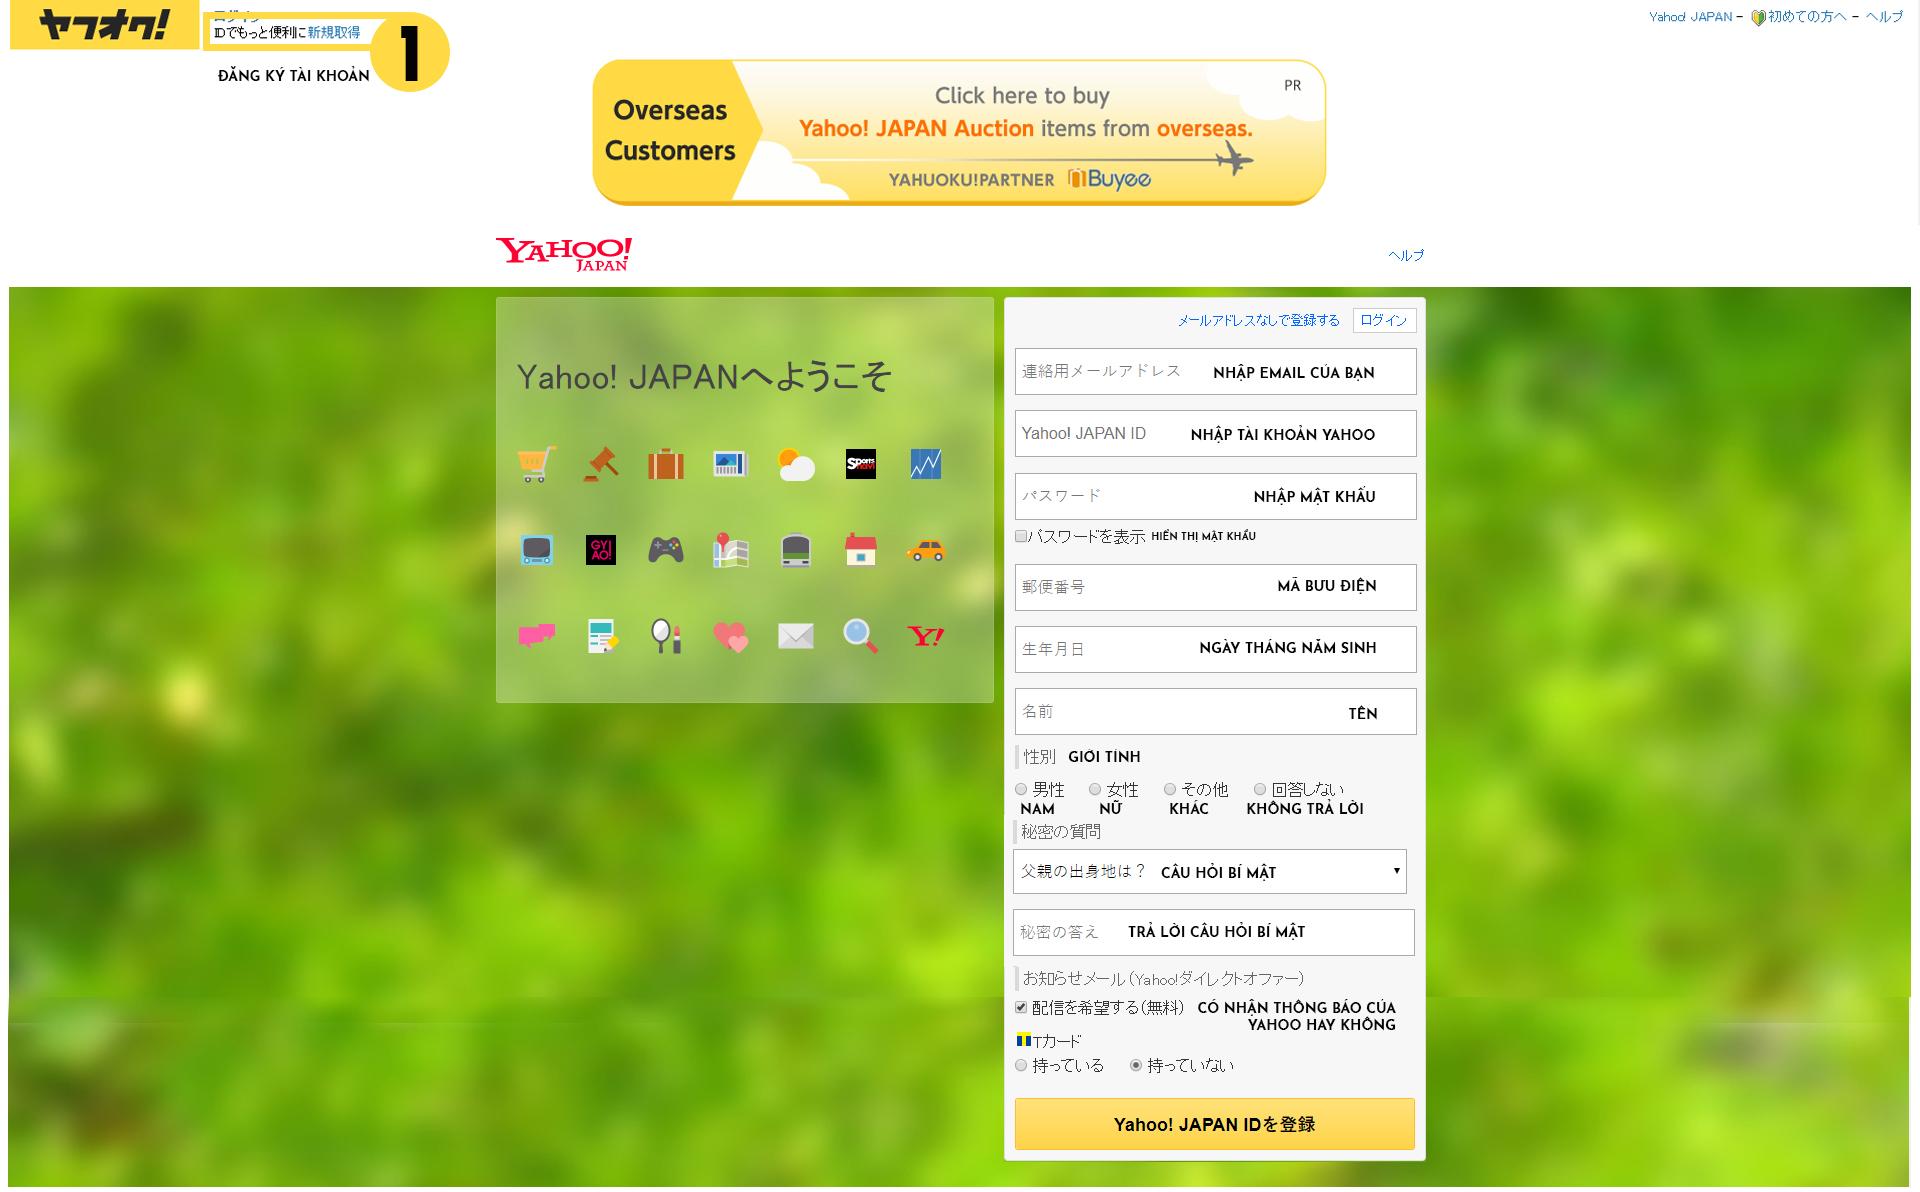 Cách đăng ký tài khoản đấu giá trên Yahoo japan